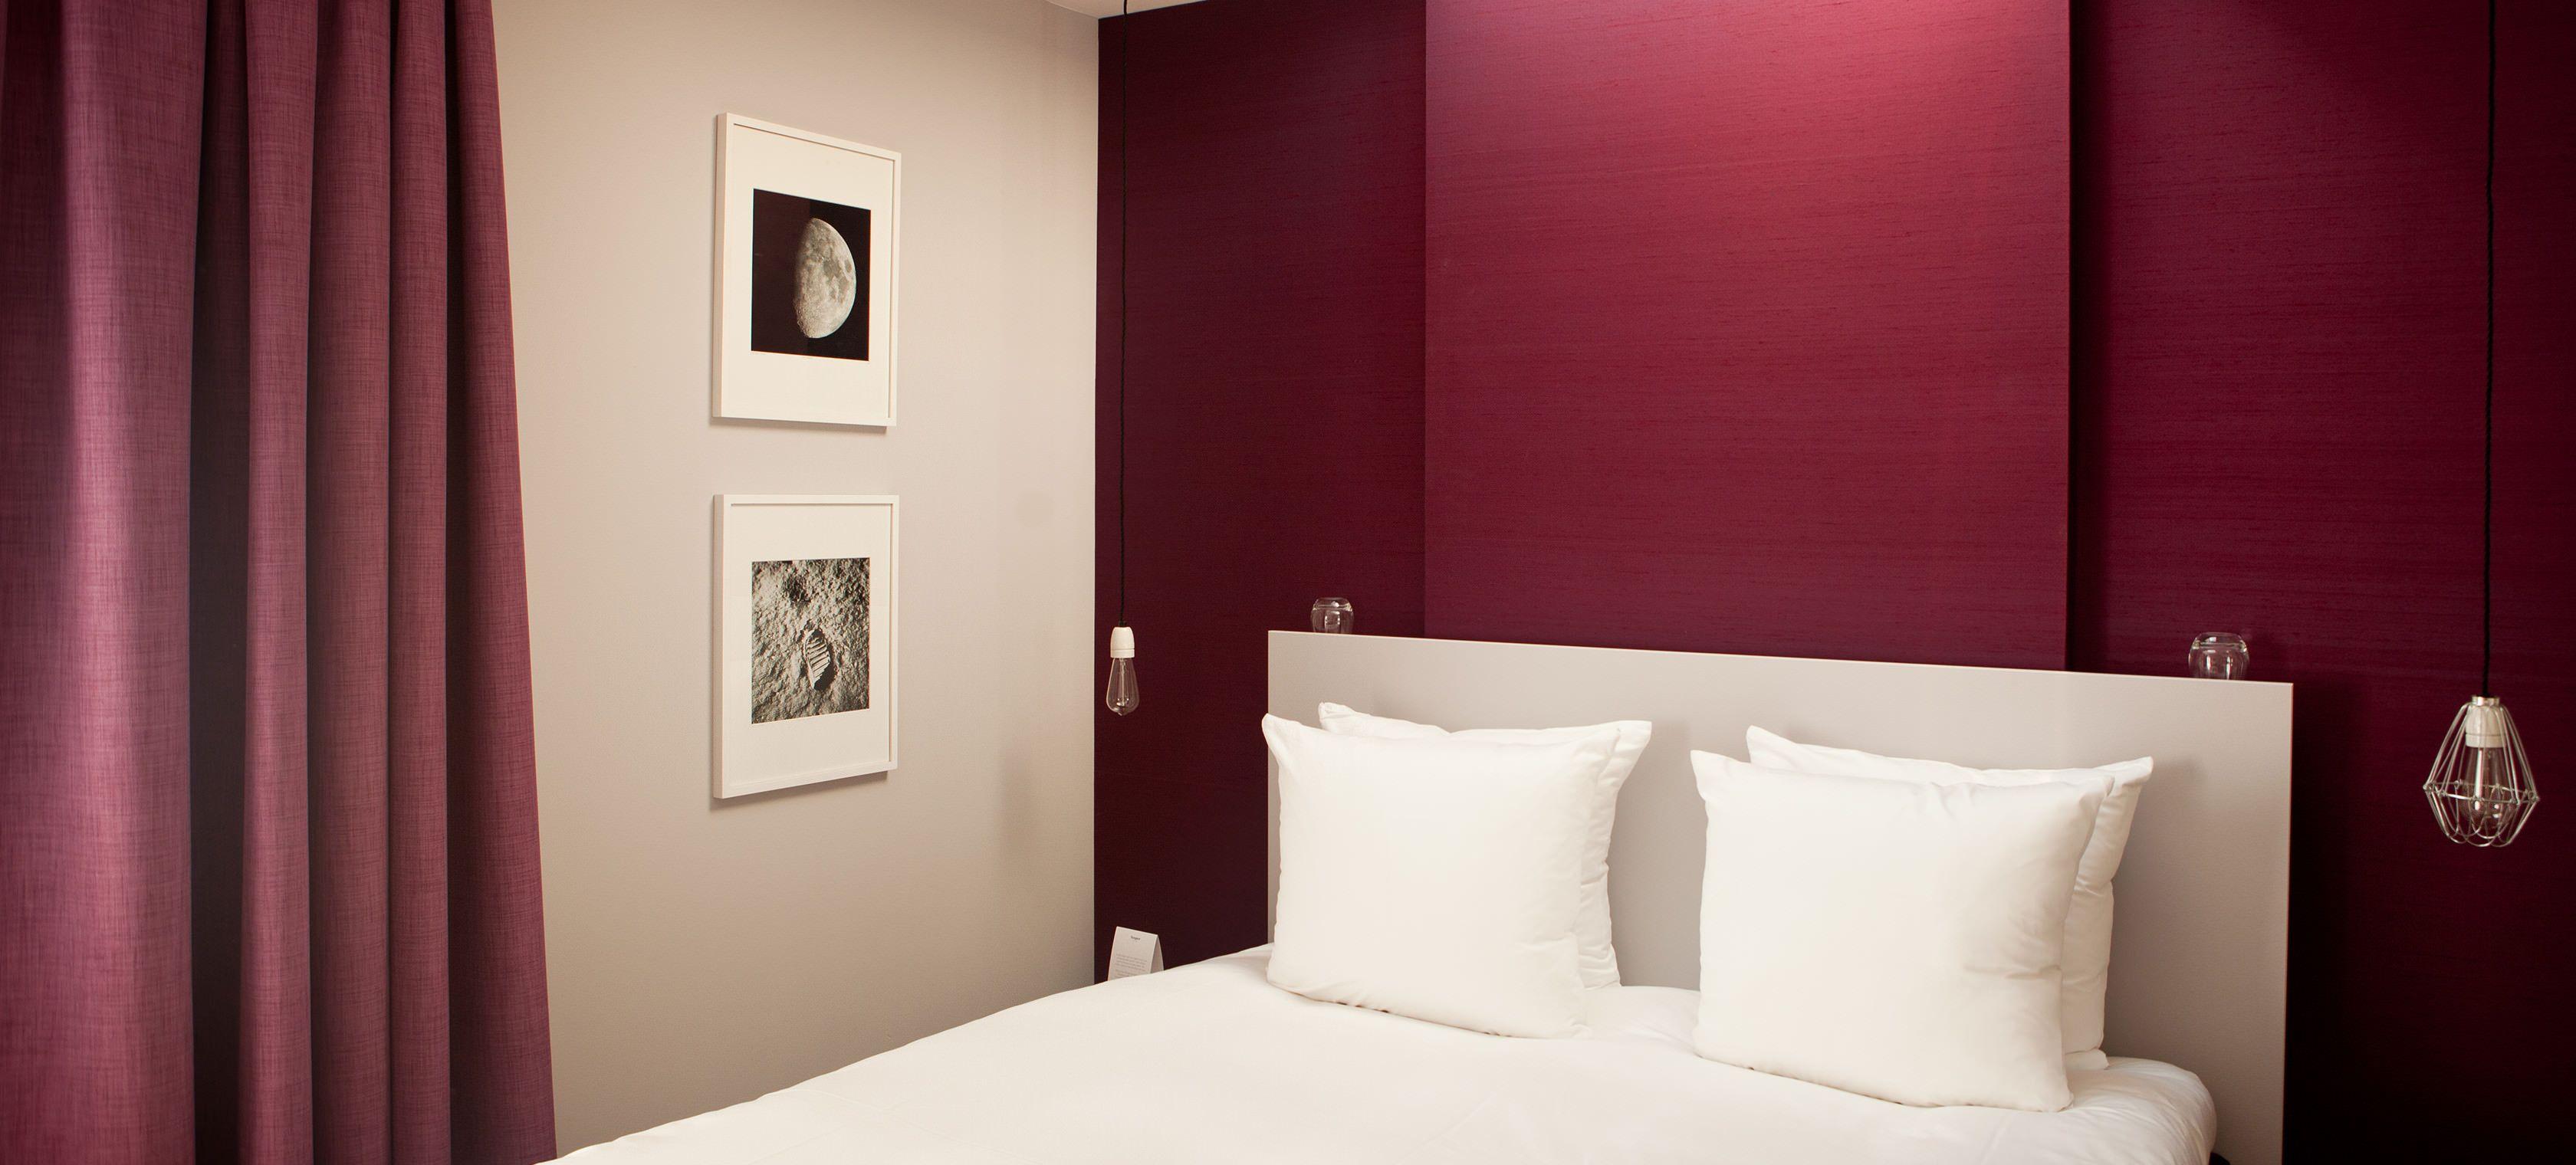 Classic Room - Vesper - The boutique hotel of Noordwijk